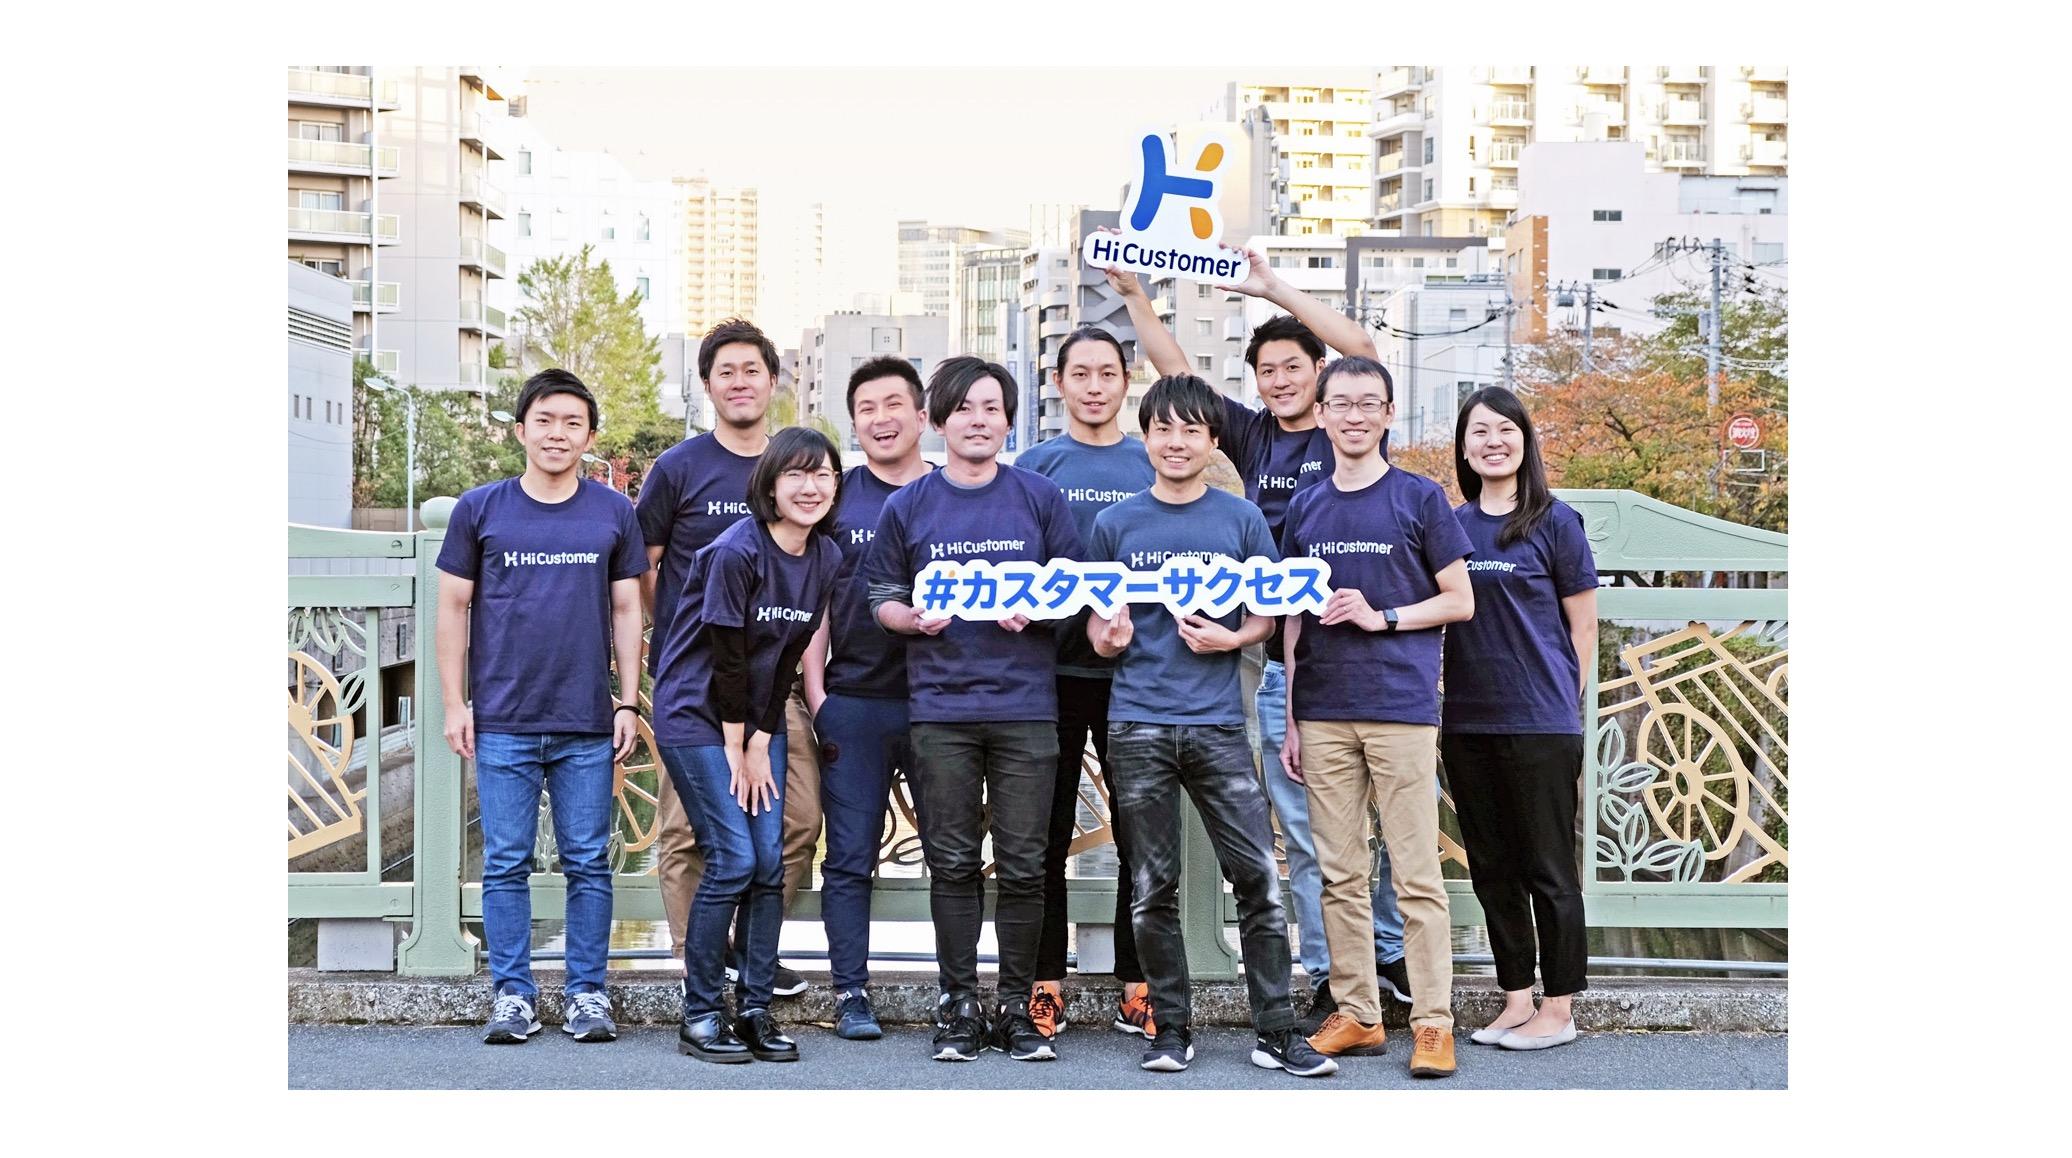 SaaS向けカスタマーサクセス管理プラットフォームを提供するHiCustomer、1.5億円の資金調達を実施